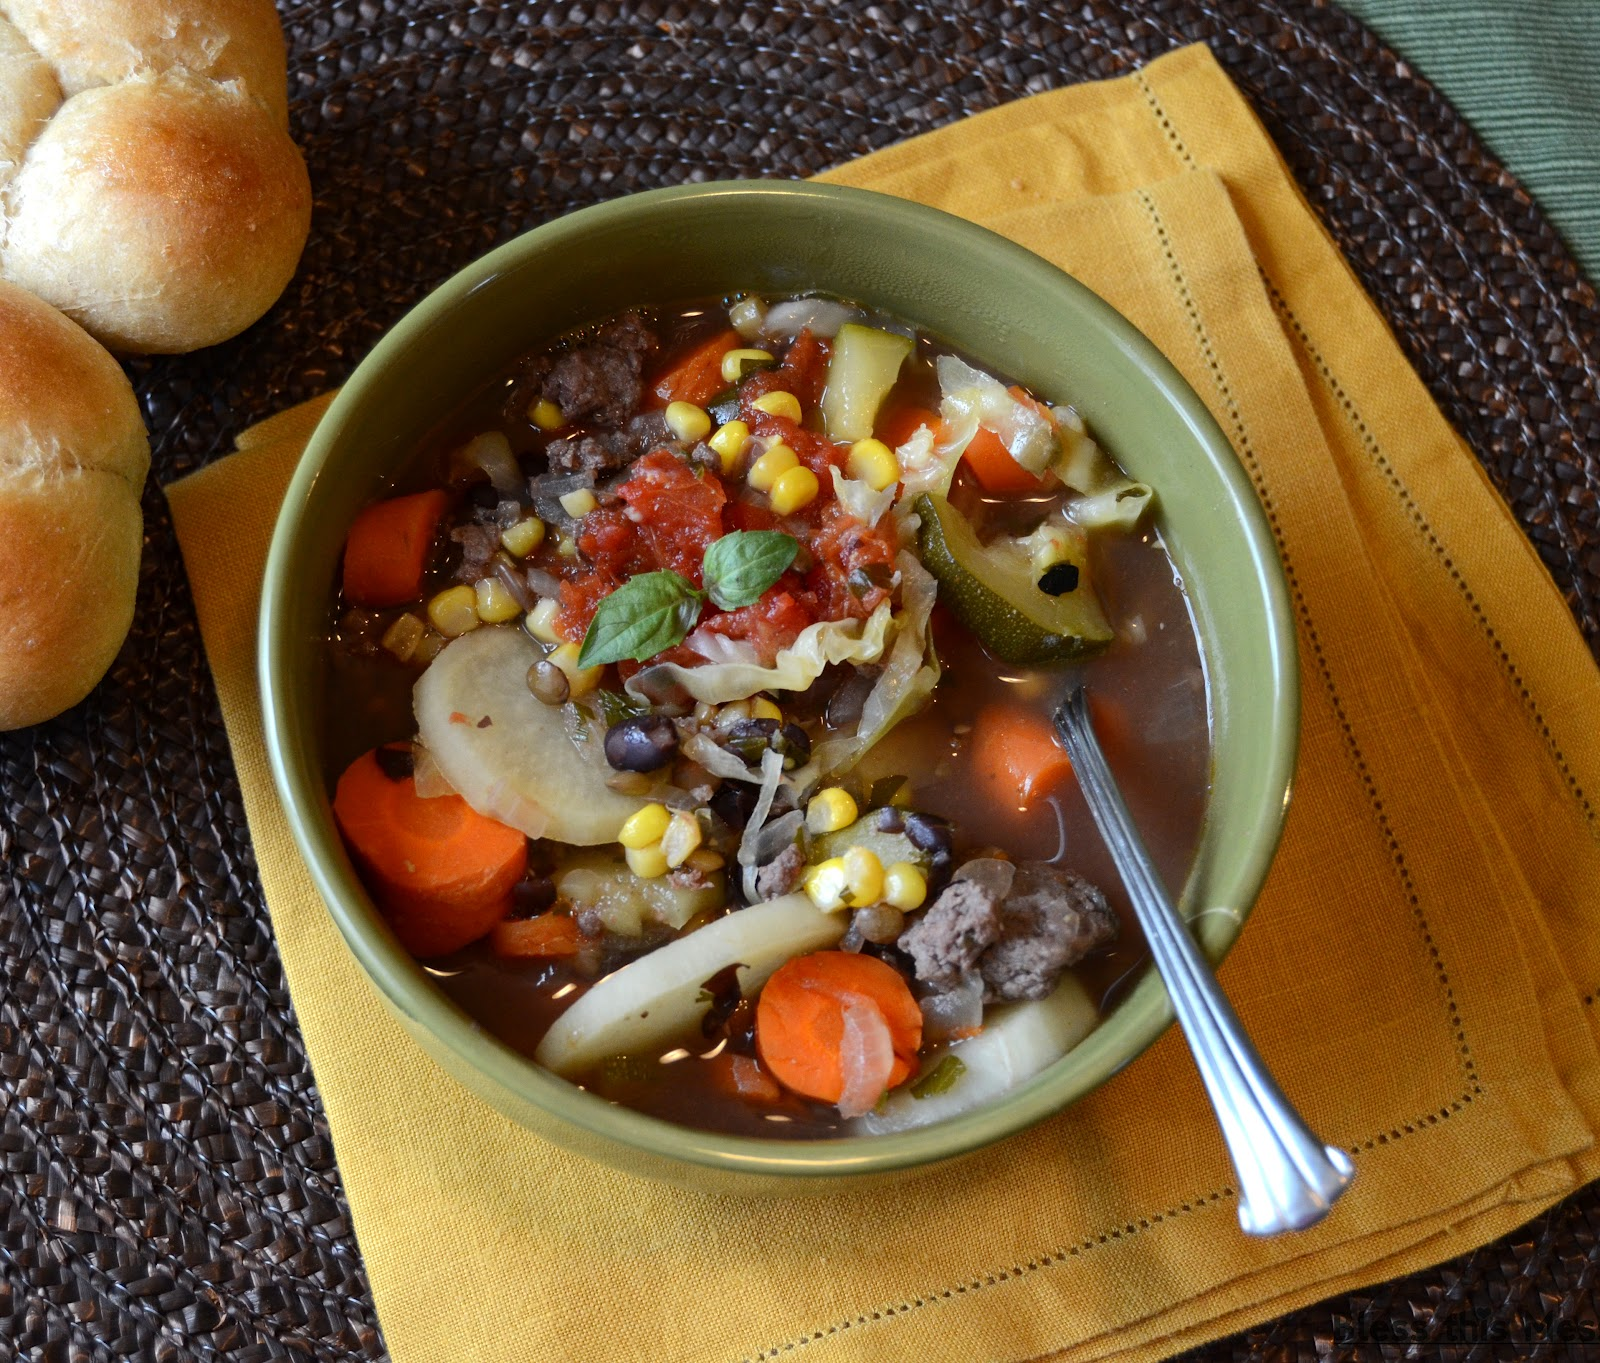 Kitchen Sink Vegetable Soup